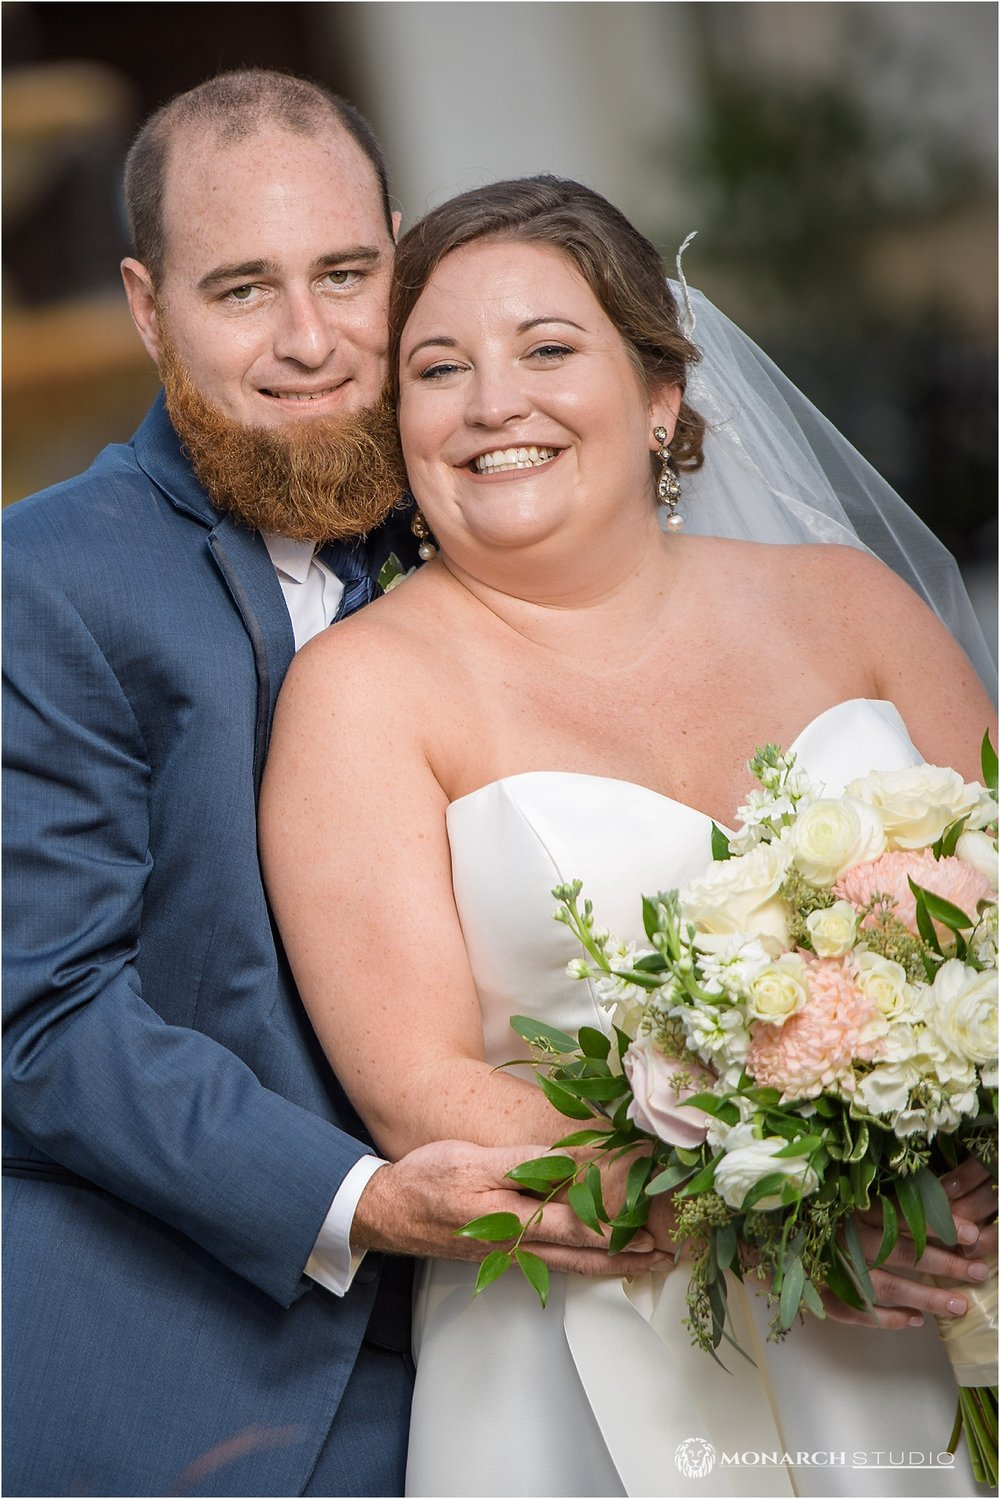 st-augustine-wedding-planner-thewedding-authority-055.jpg